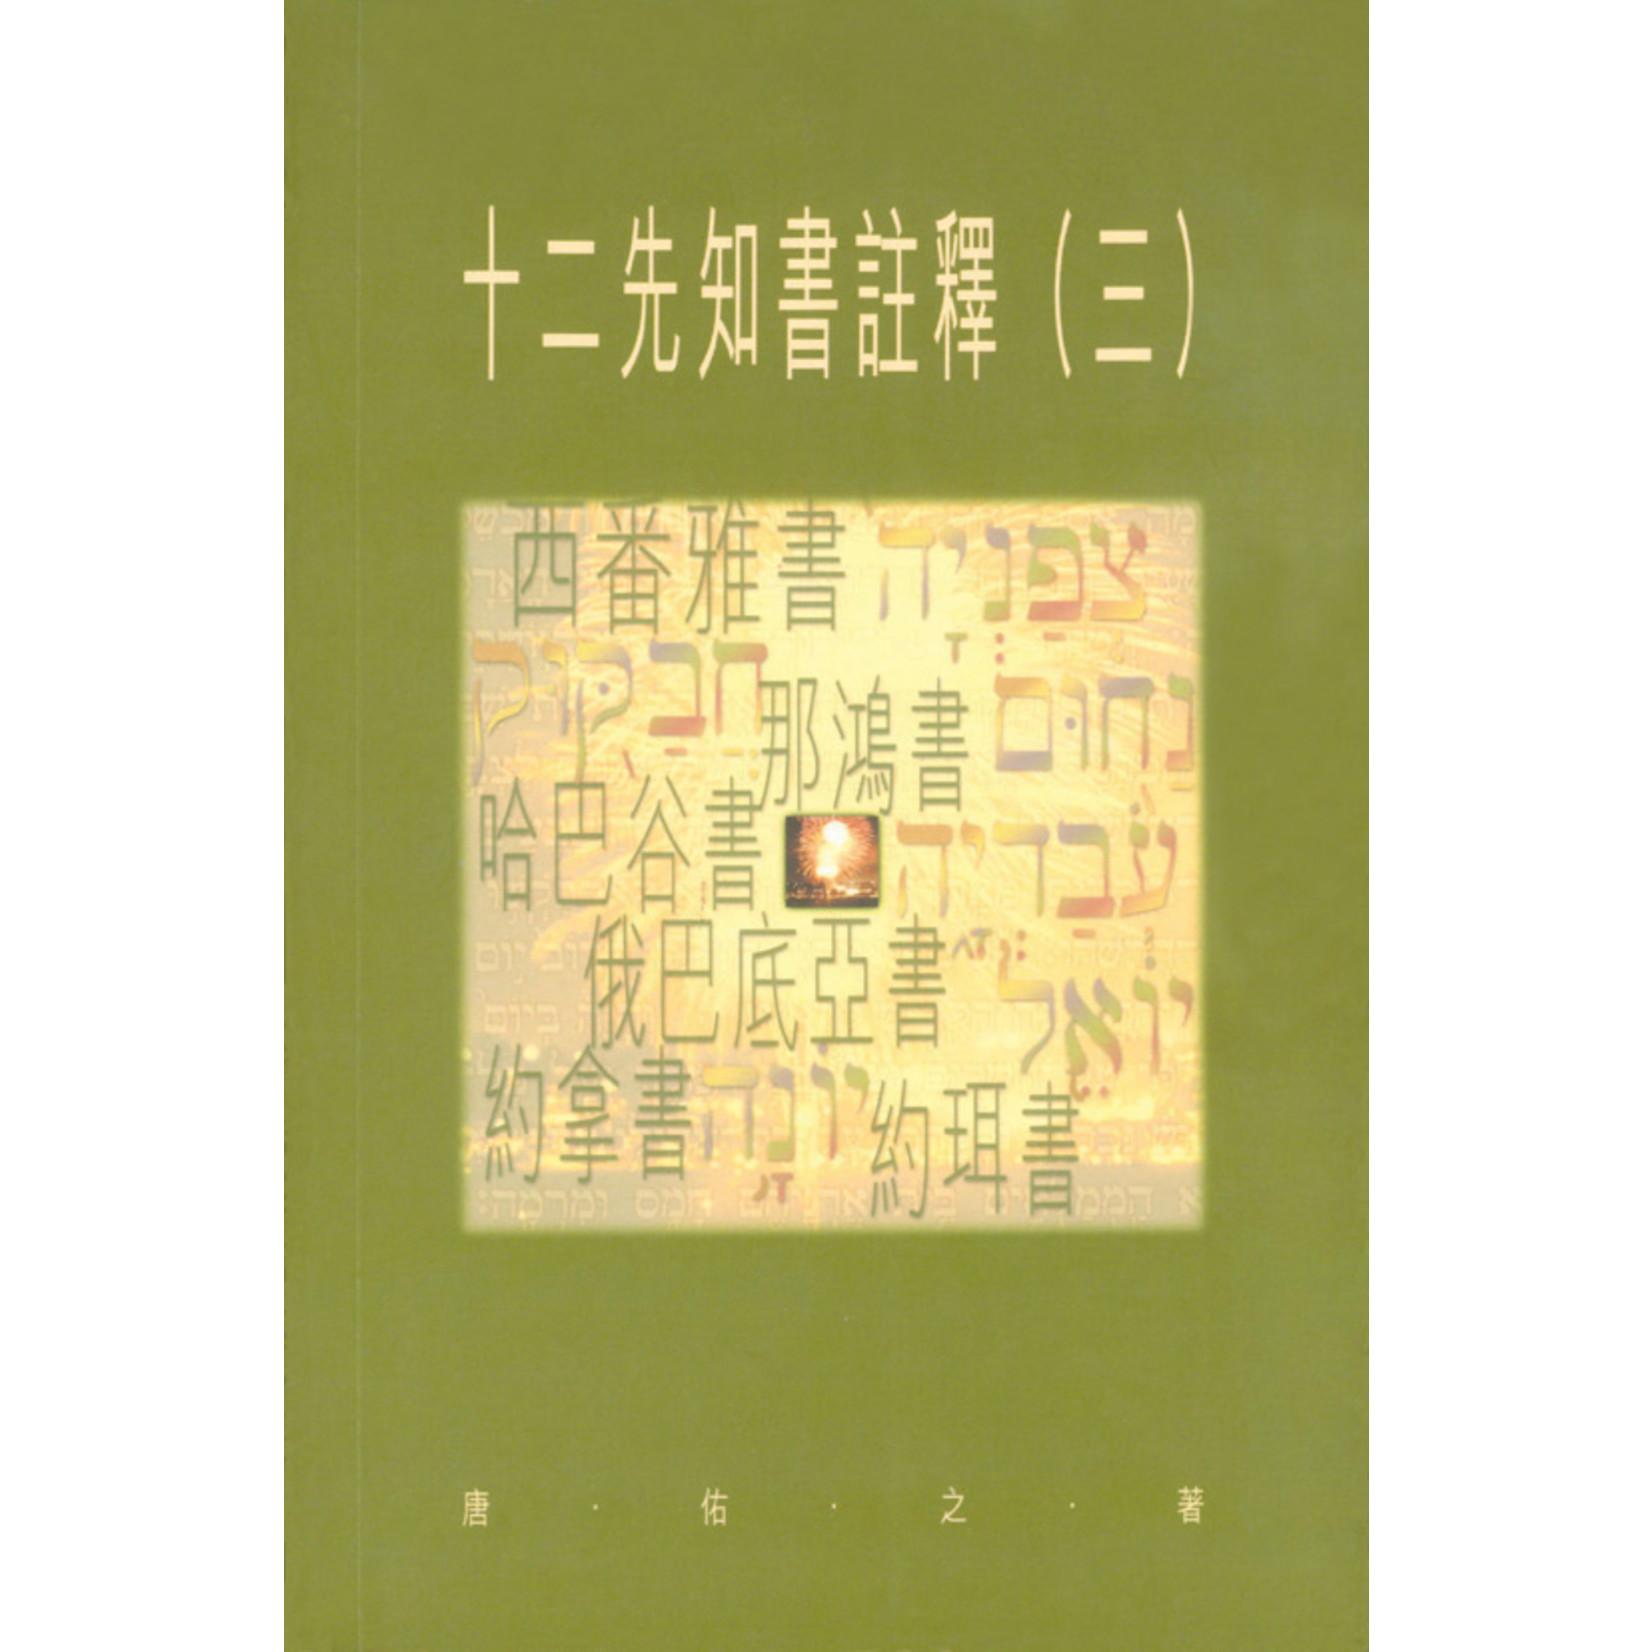 天道書樓 Tien Dao Publishing House 聖經研究叢書:十二先知書註釋(三)西番雅書、那鴻書、哈巴谷書、俄巴底亞書、約拿書、約珥書